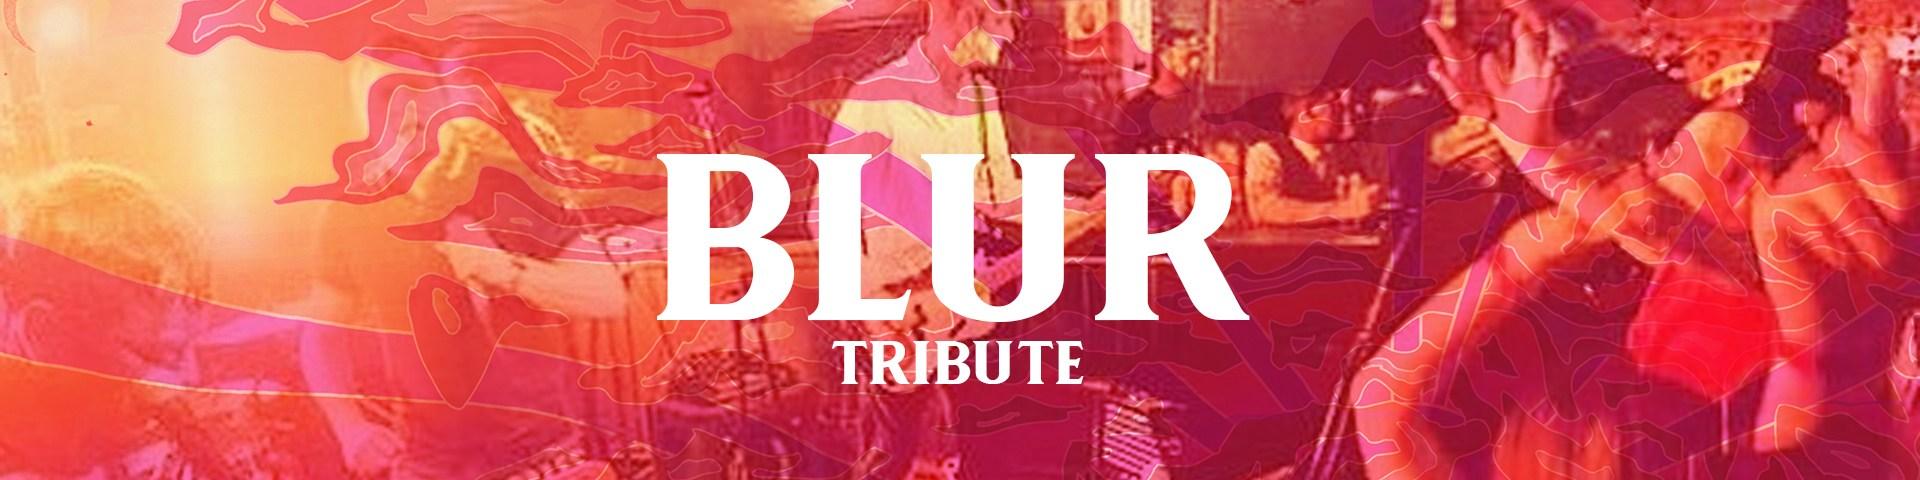 Blur Tribute